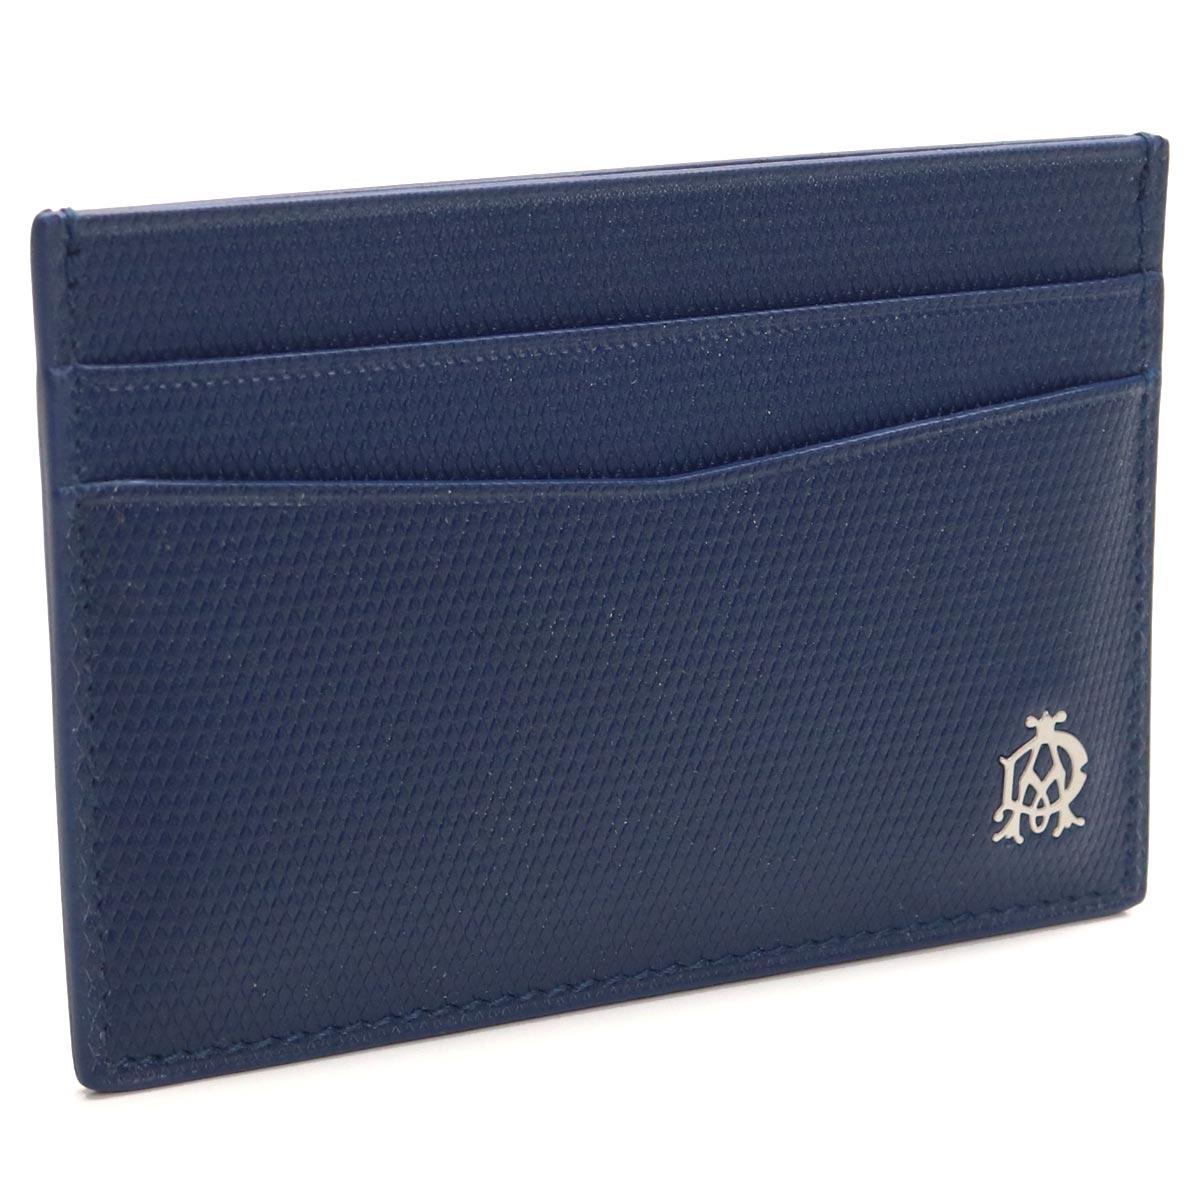 ダンヒル DUNHILL カードケース L2AE40D ブルー メンズ